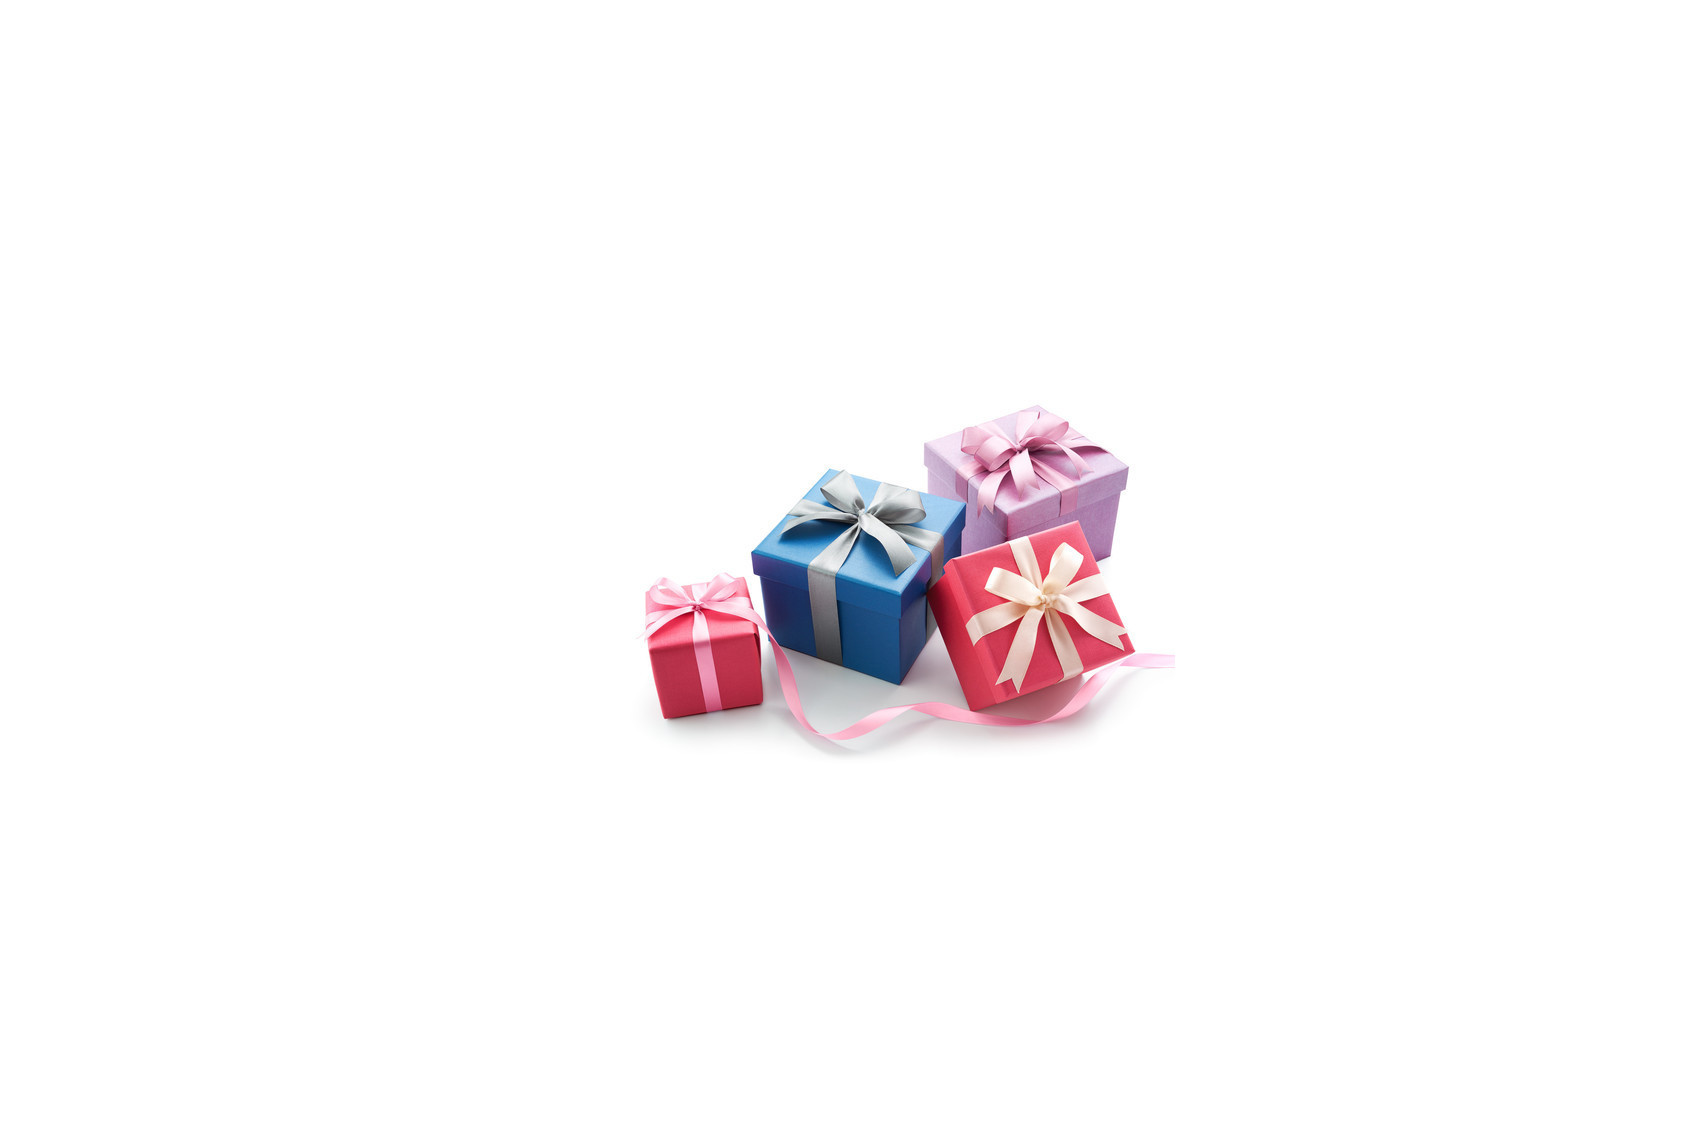 Idées cadeaux pour danseurs : visez juste avec de petites attentions exclusives.